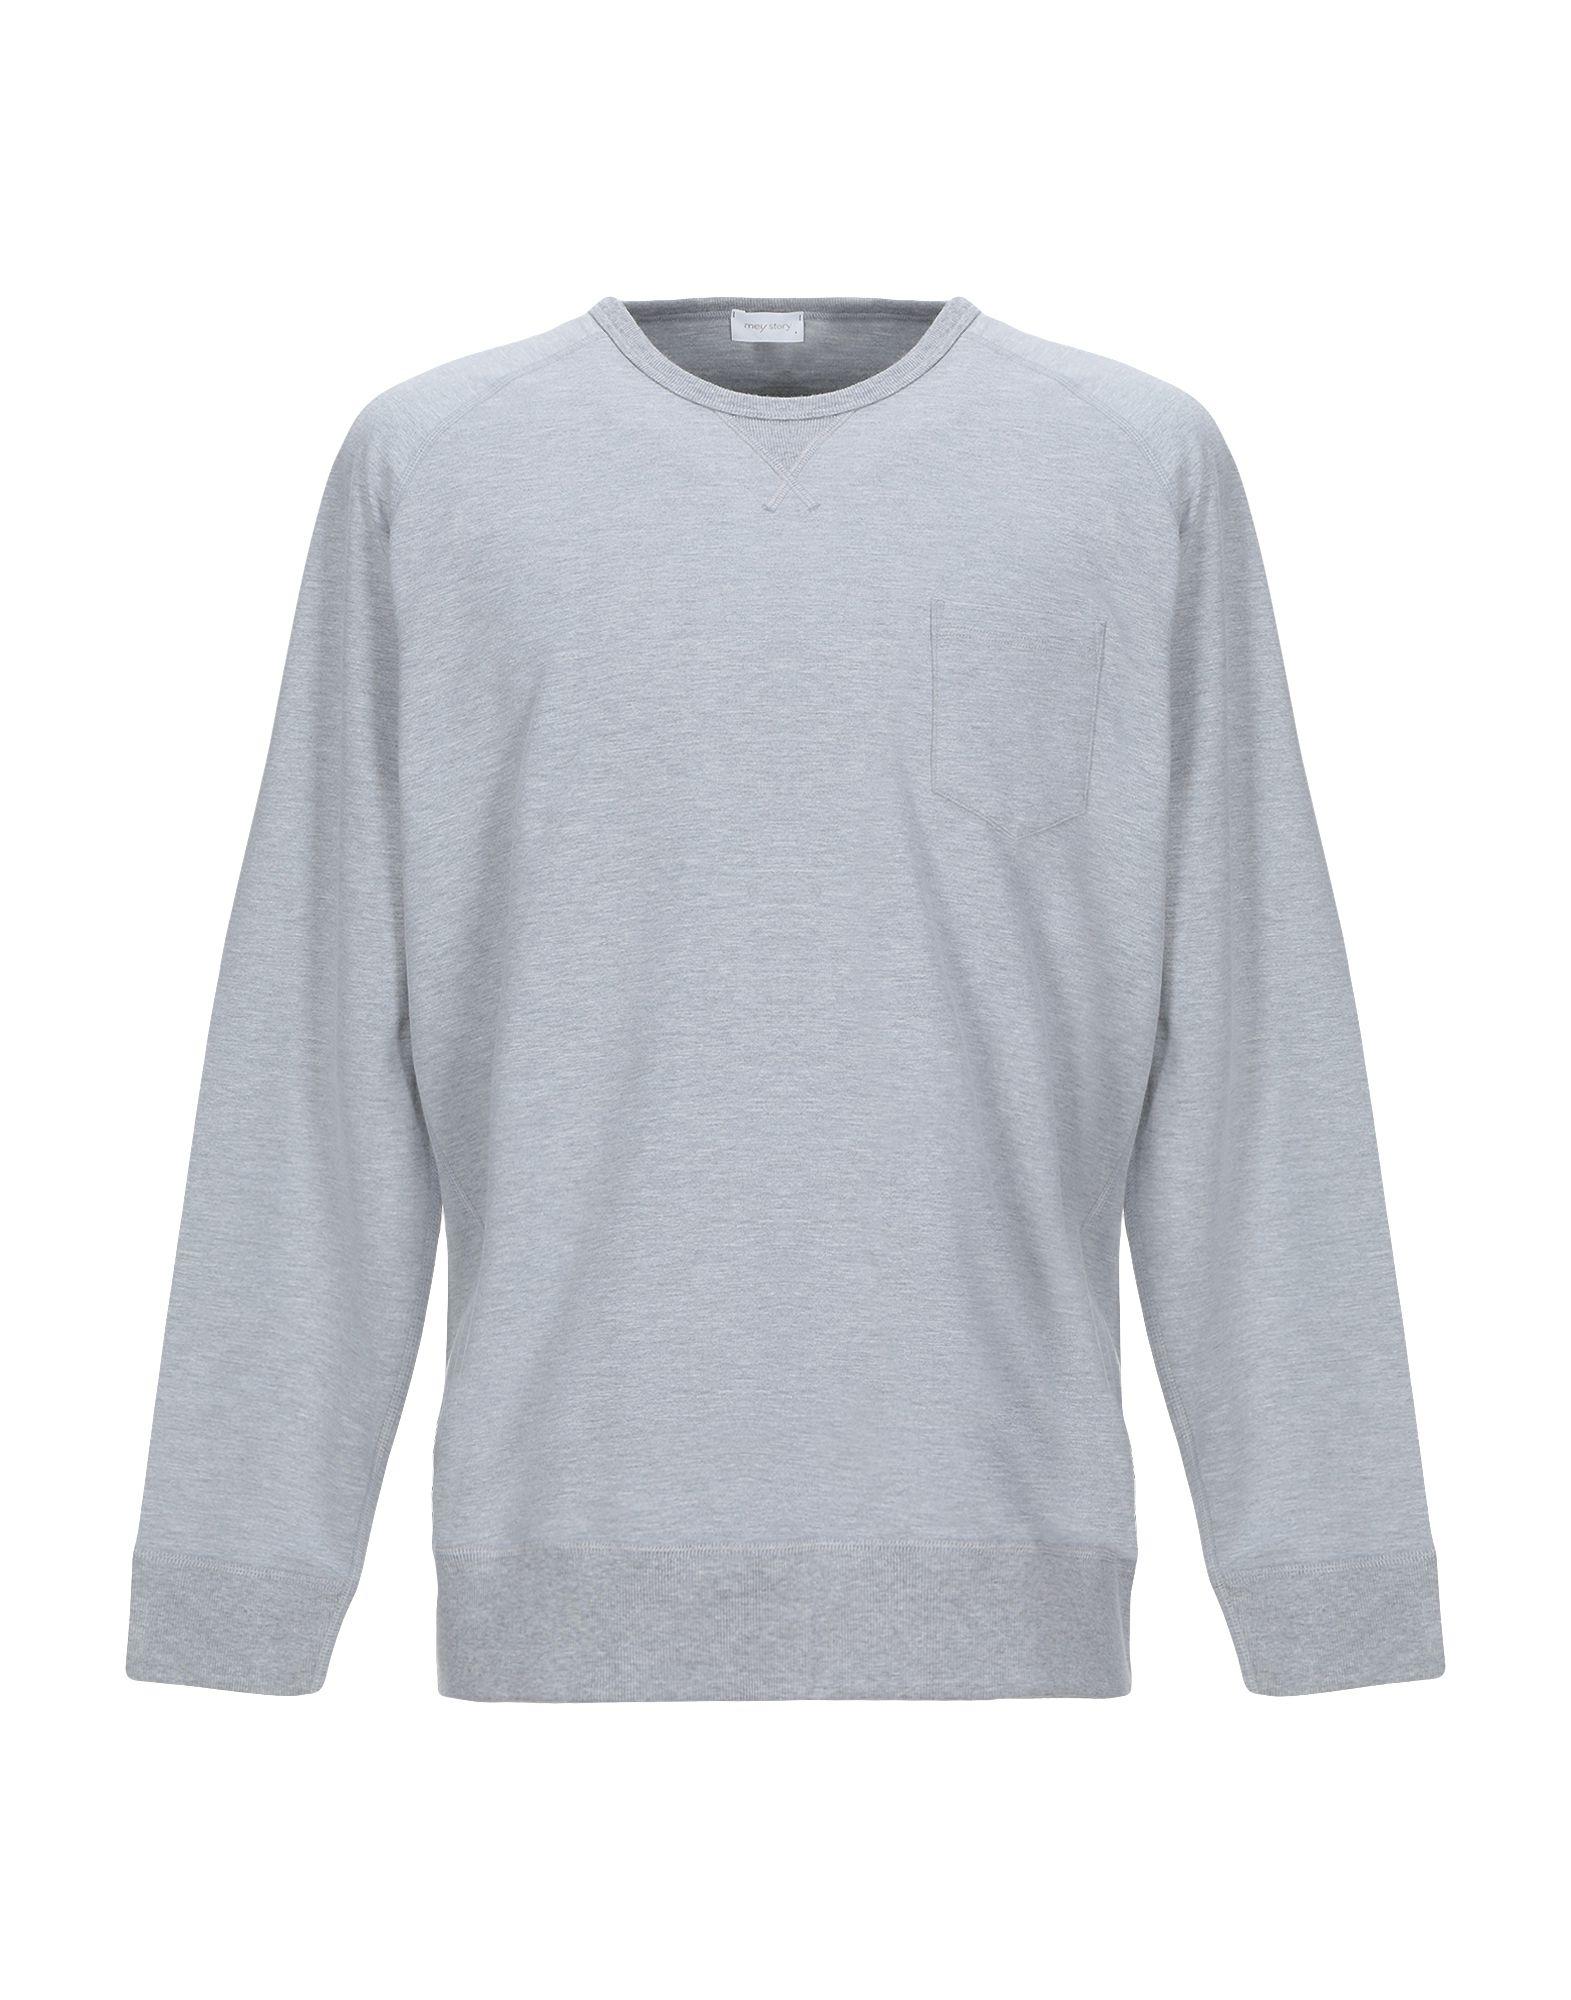 《セール開催中》MEY STORY メンズ スウェットシャツ ライトグレー S コットン 48% / テンセル 48% / ポリウレタン 4%